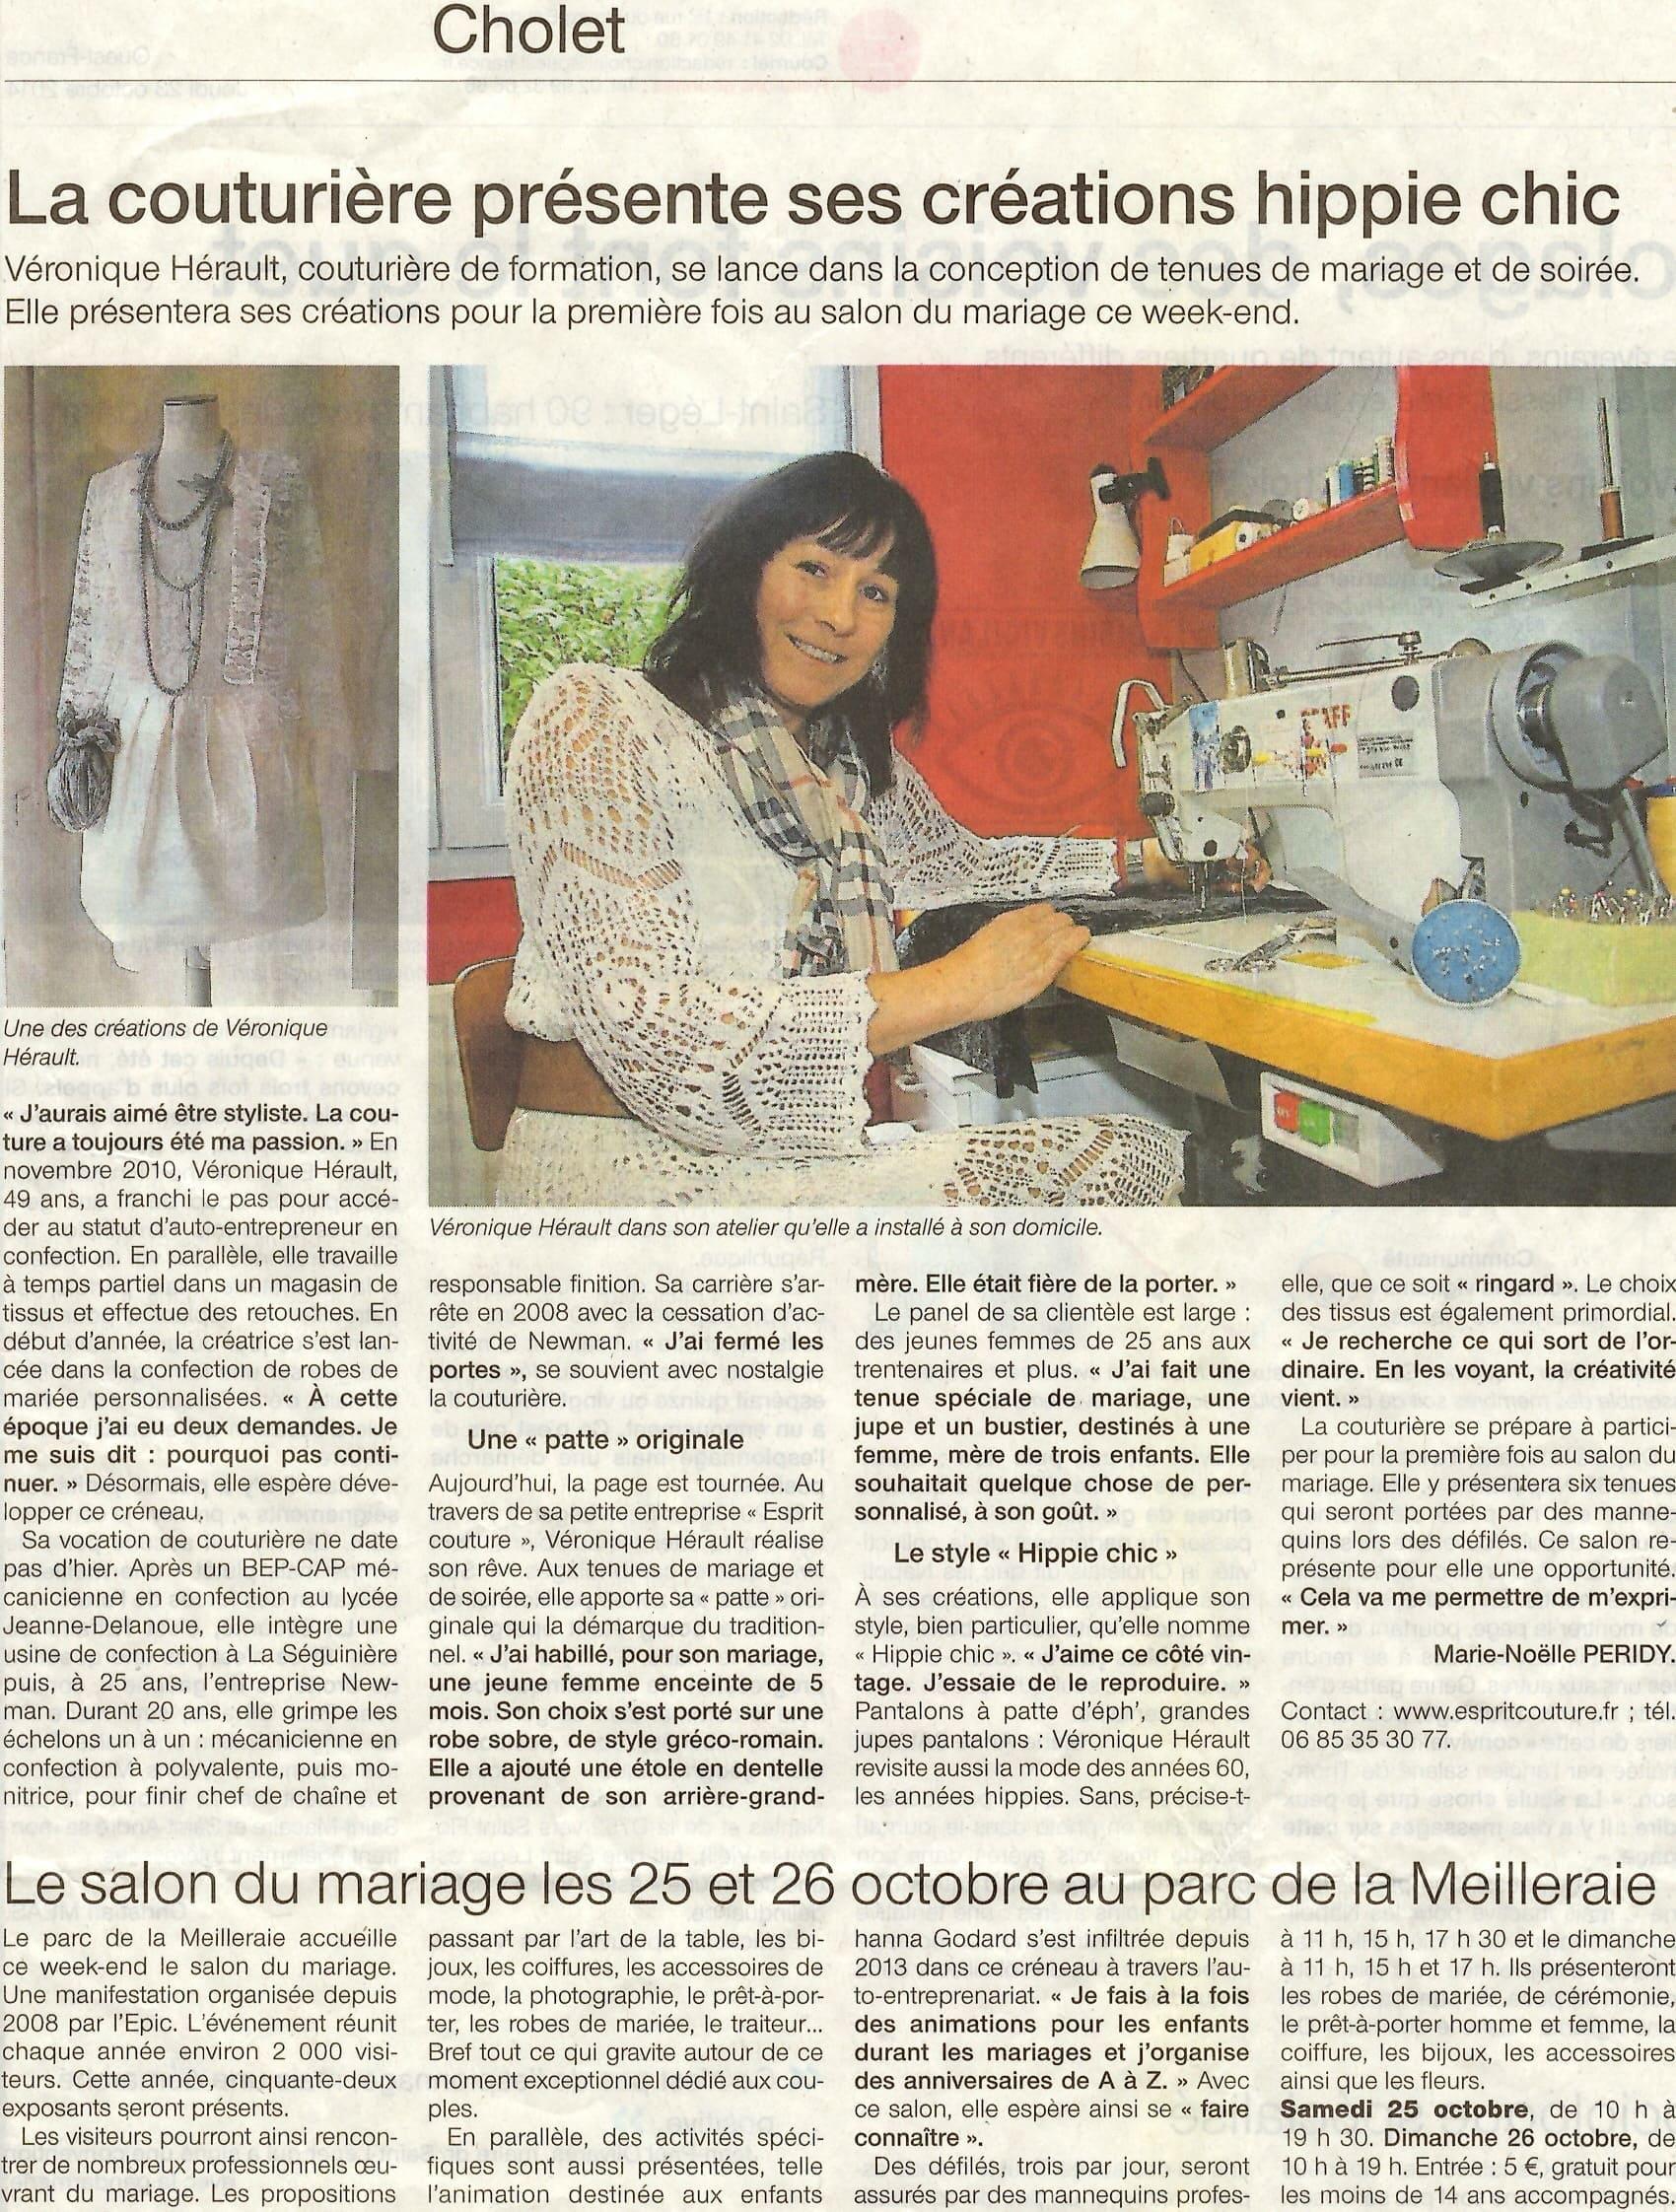 Boutique, Atelier, Article, Ouest, France, Cholet, Couturière, Mariage